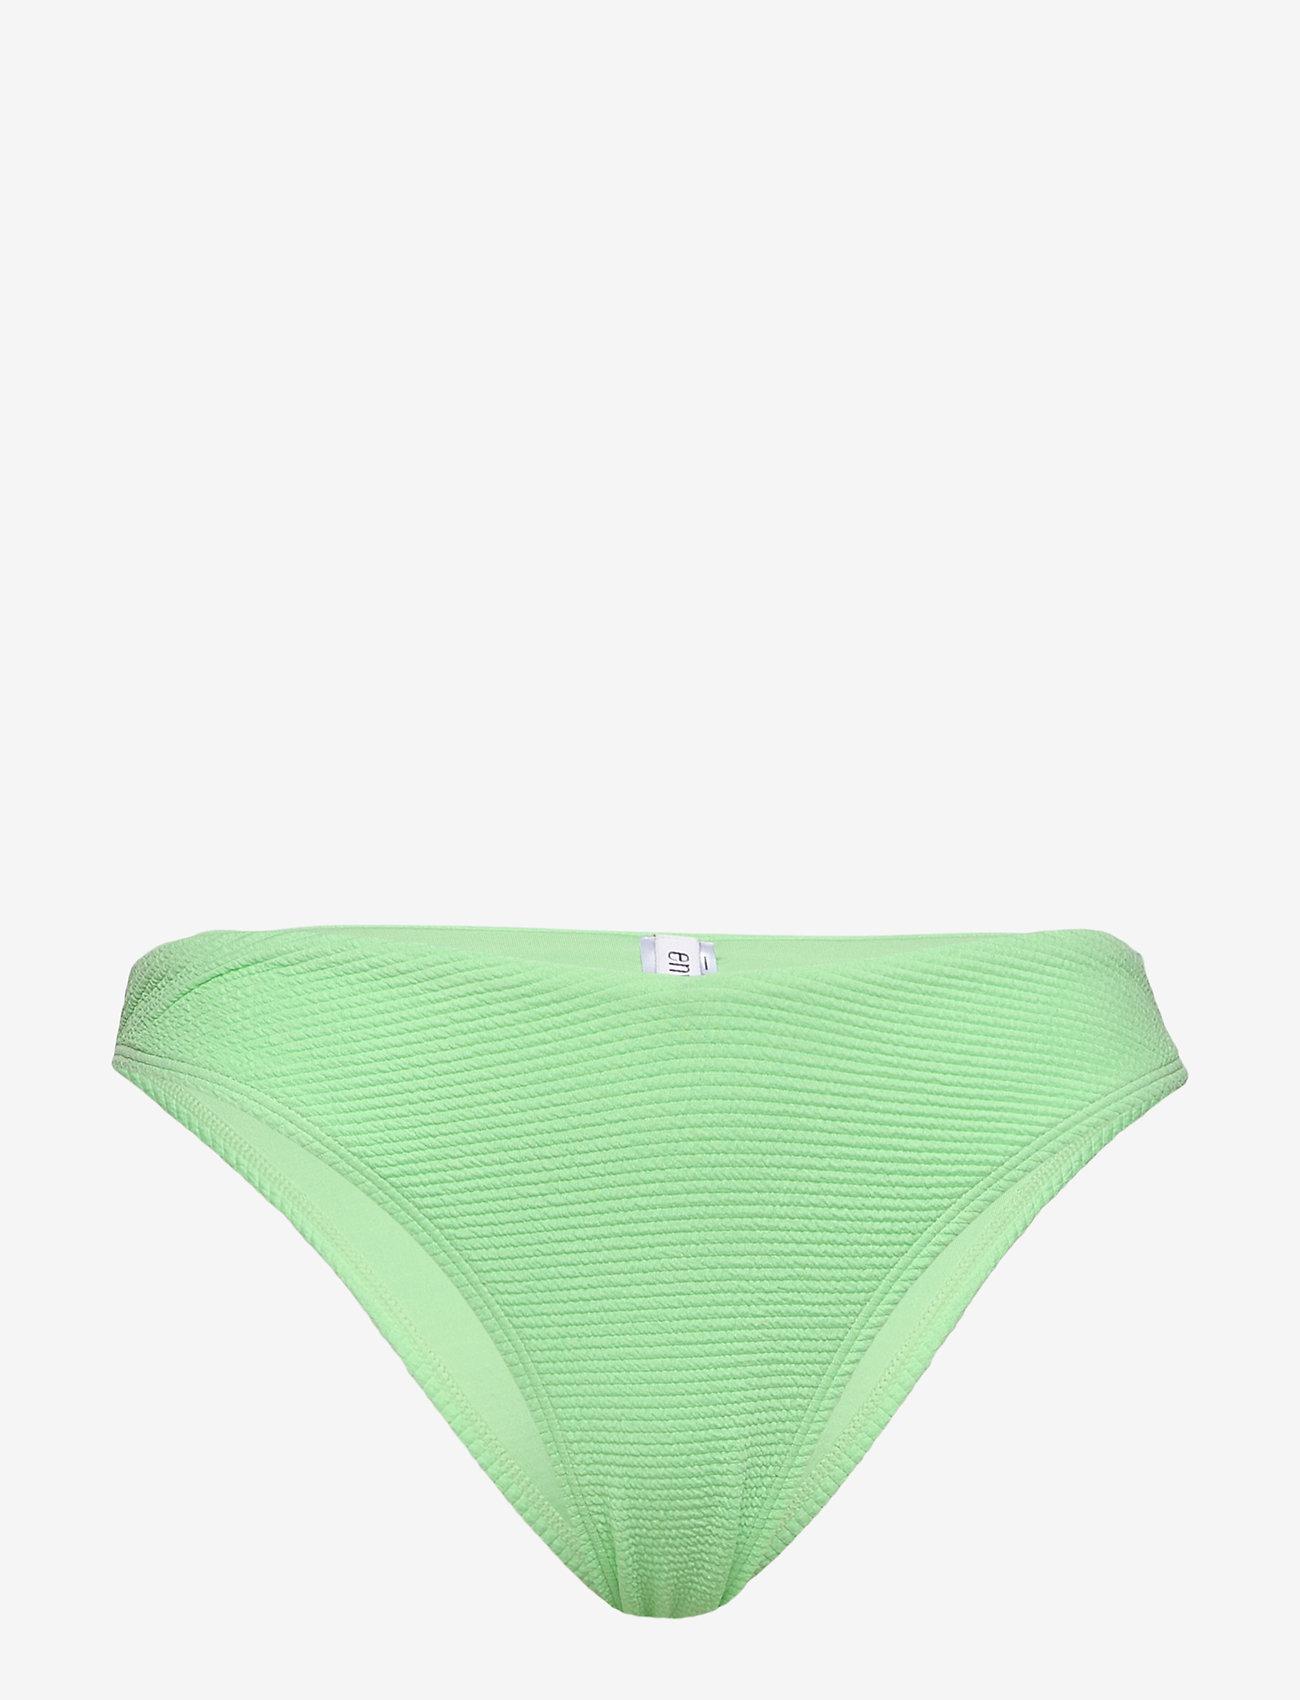 Enangelfish Swim Panties 5325 (Green Ash) (195 kr) - Envii